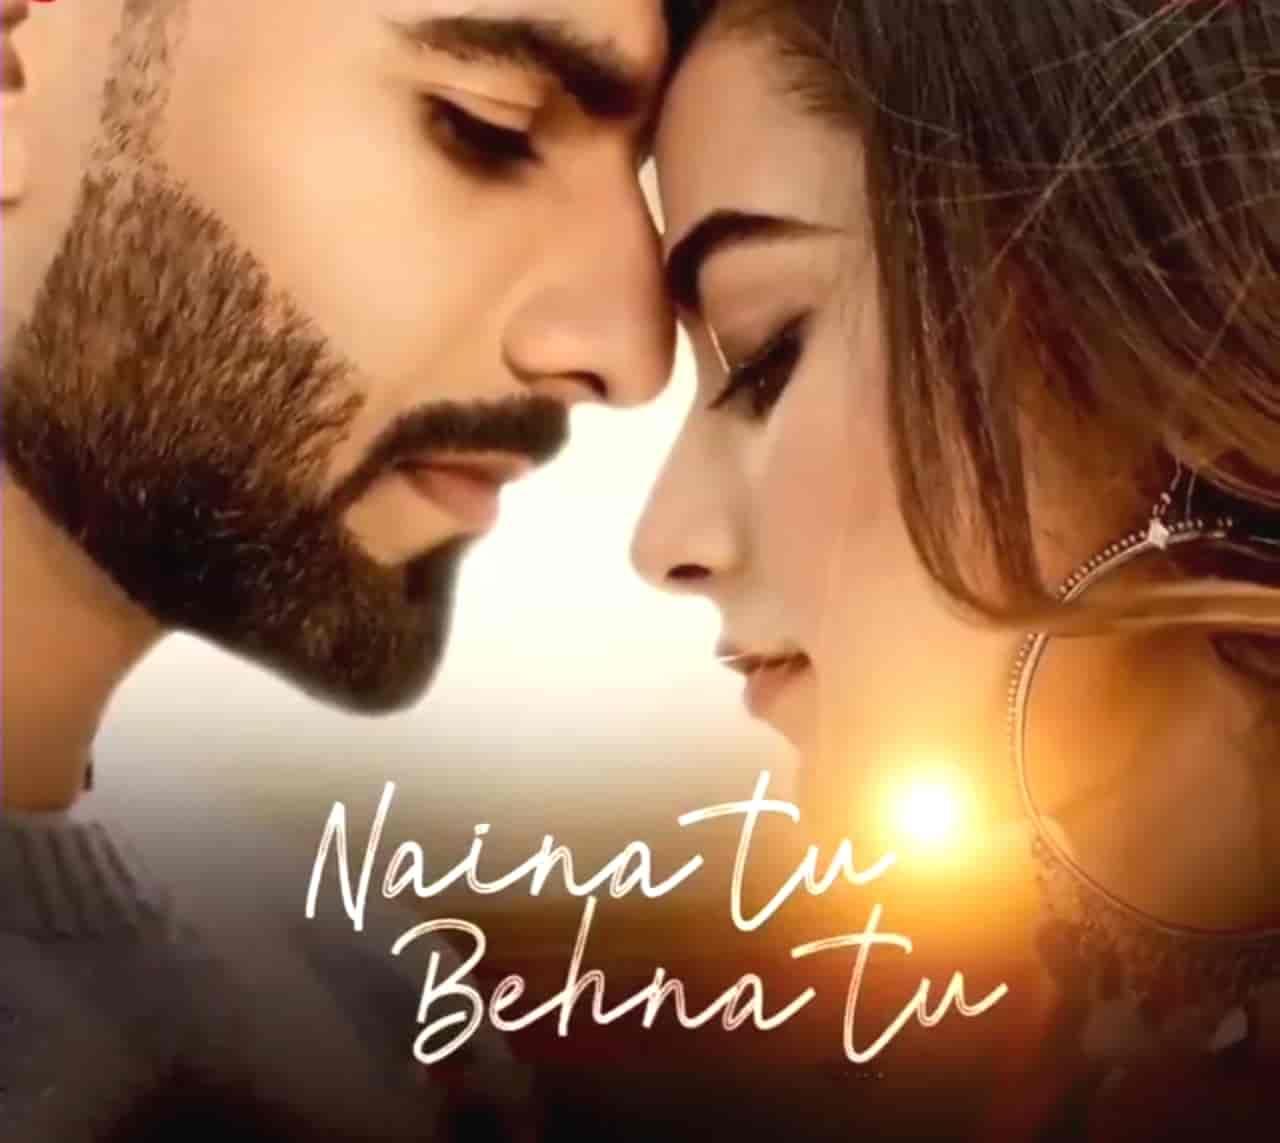 Naina Tu Behna Tu Hindi Song Image Features Manav Chhabra And Stefy Patel